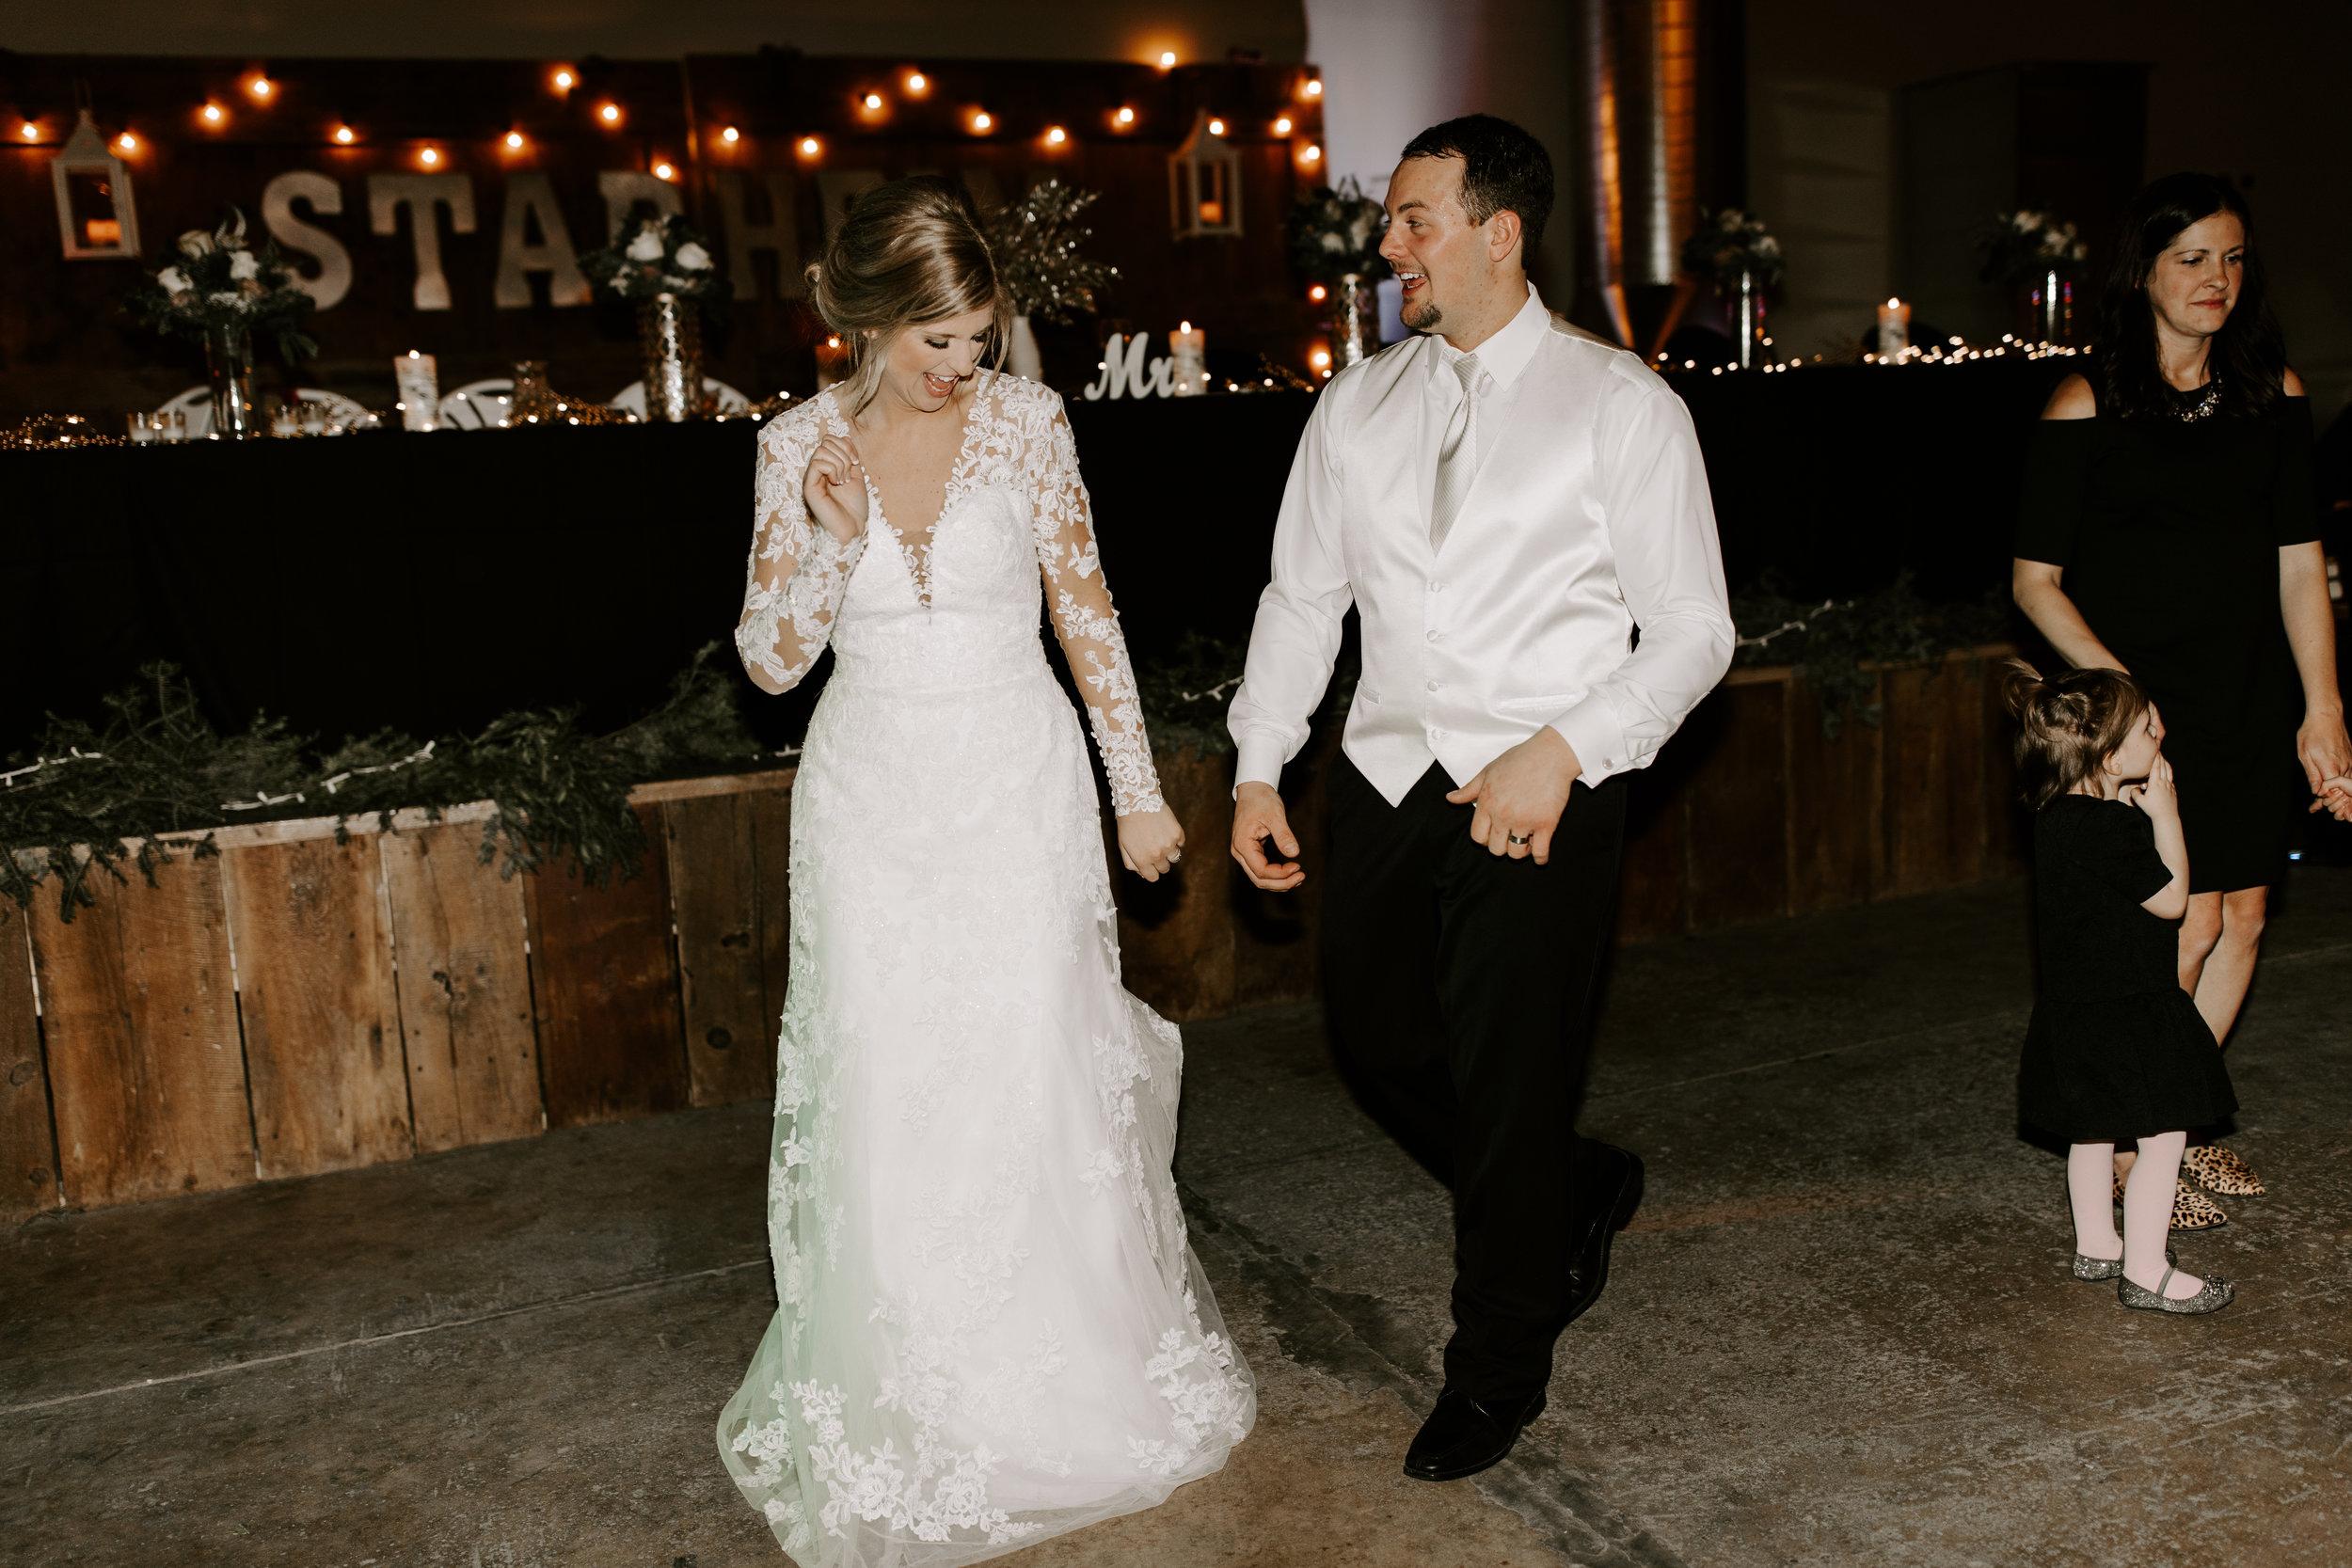 STADHEIM WED | Katie Wilke Co823.jpg